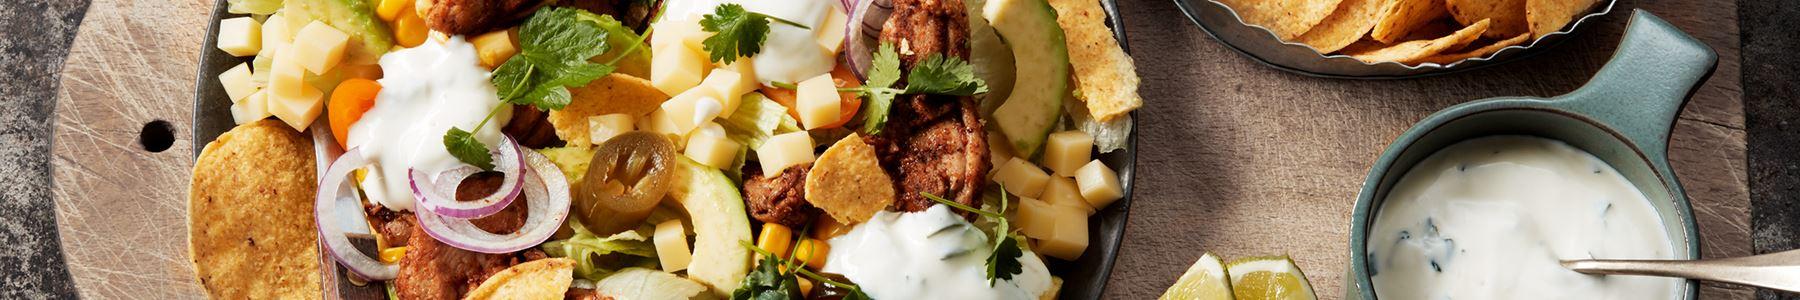 Grönsaker + Taco + Dressing